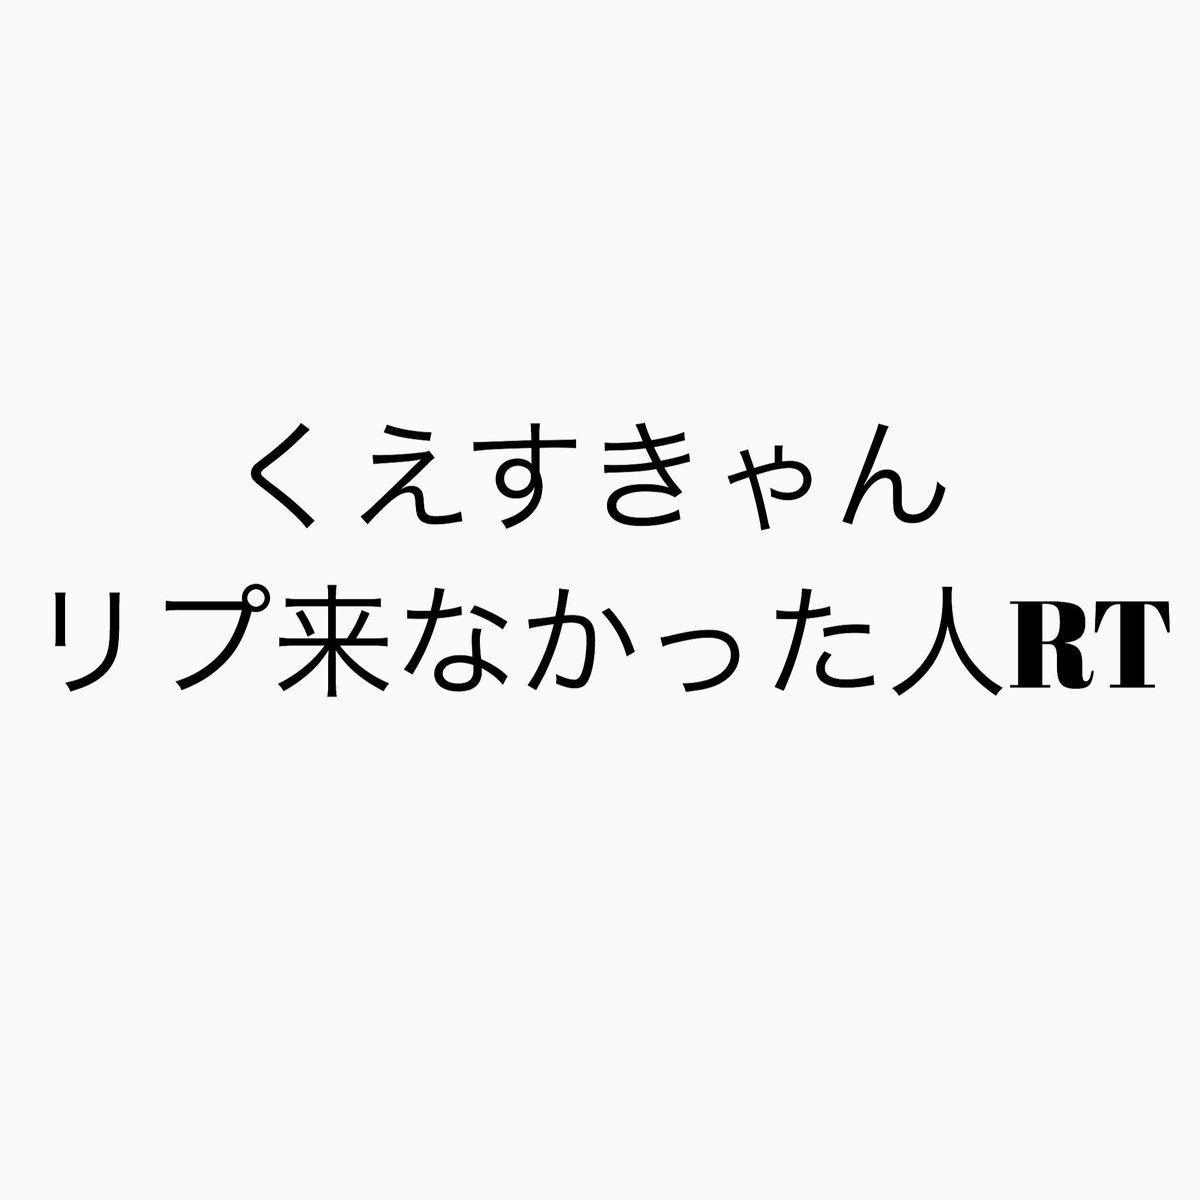 RT @riku0713_: 同士達よRT求む。フォローするぞい  #くえすきゃん https://t.co/K1X5YrT6zZ